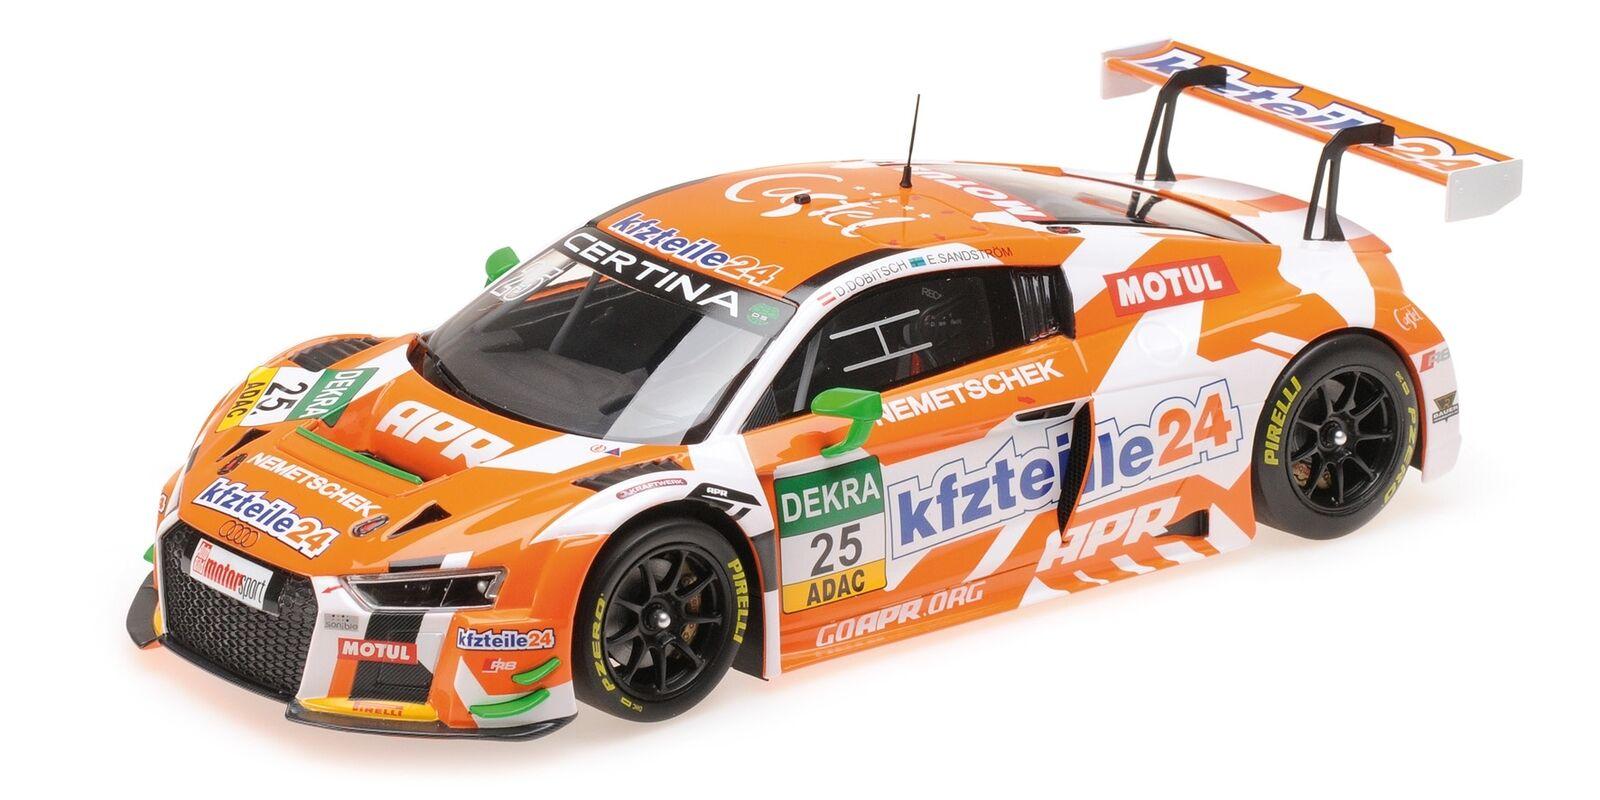 Audi R8 Lms Kfzteile 24 apr Motorsport Dobitsch Adac Gt Masters 2016 1 18 Model